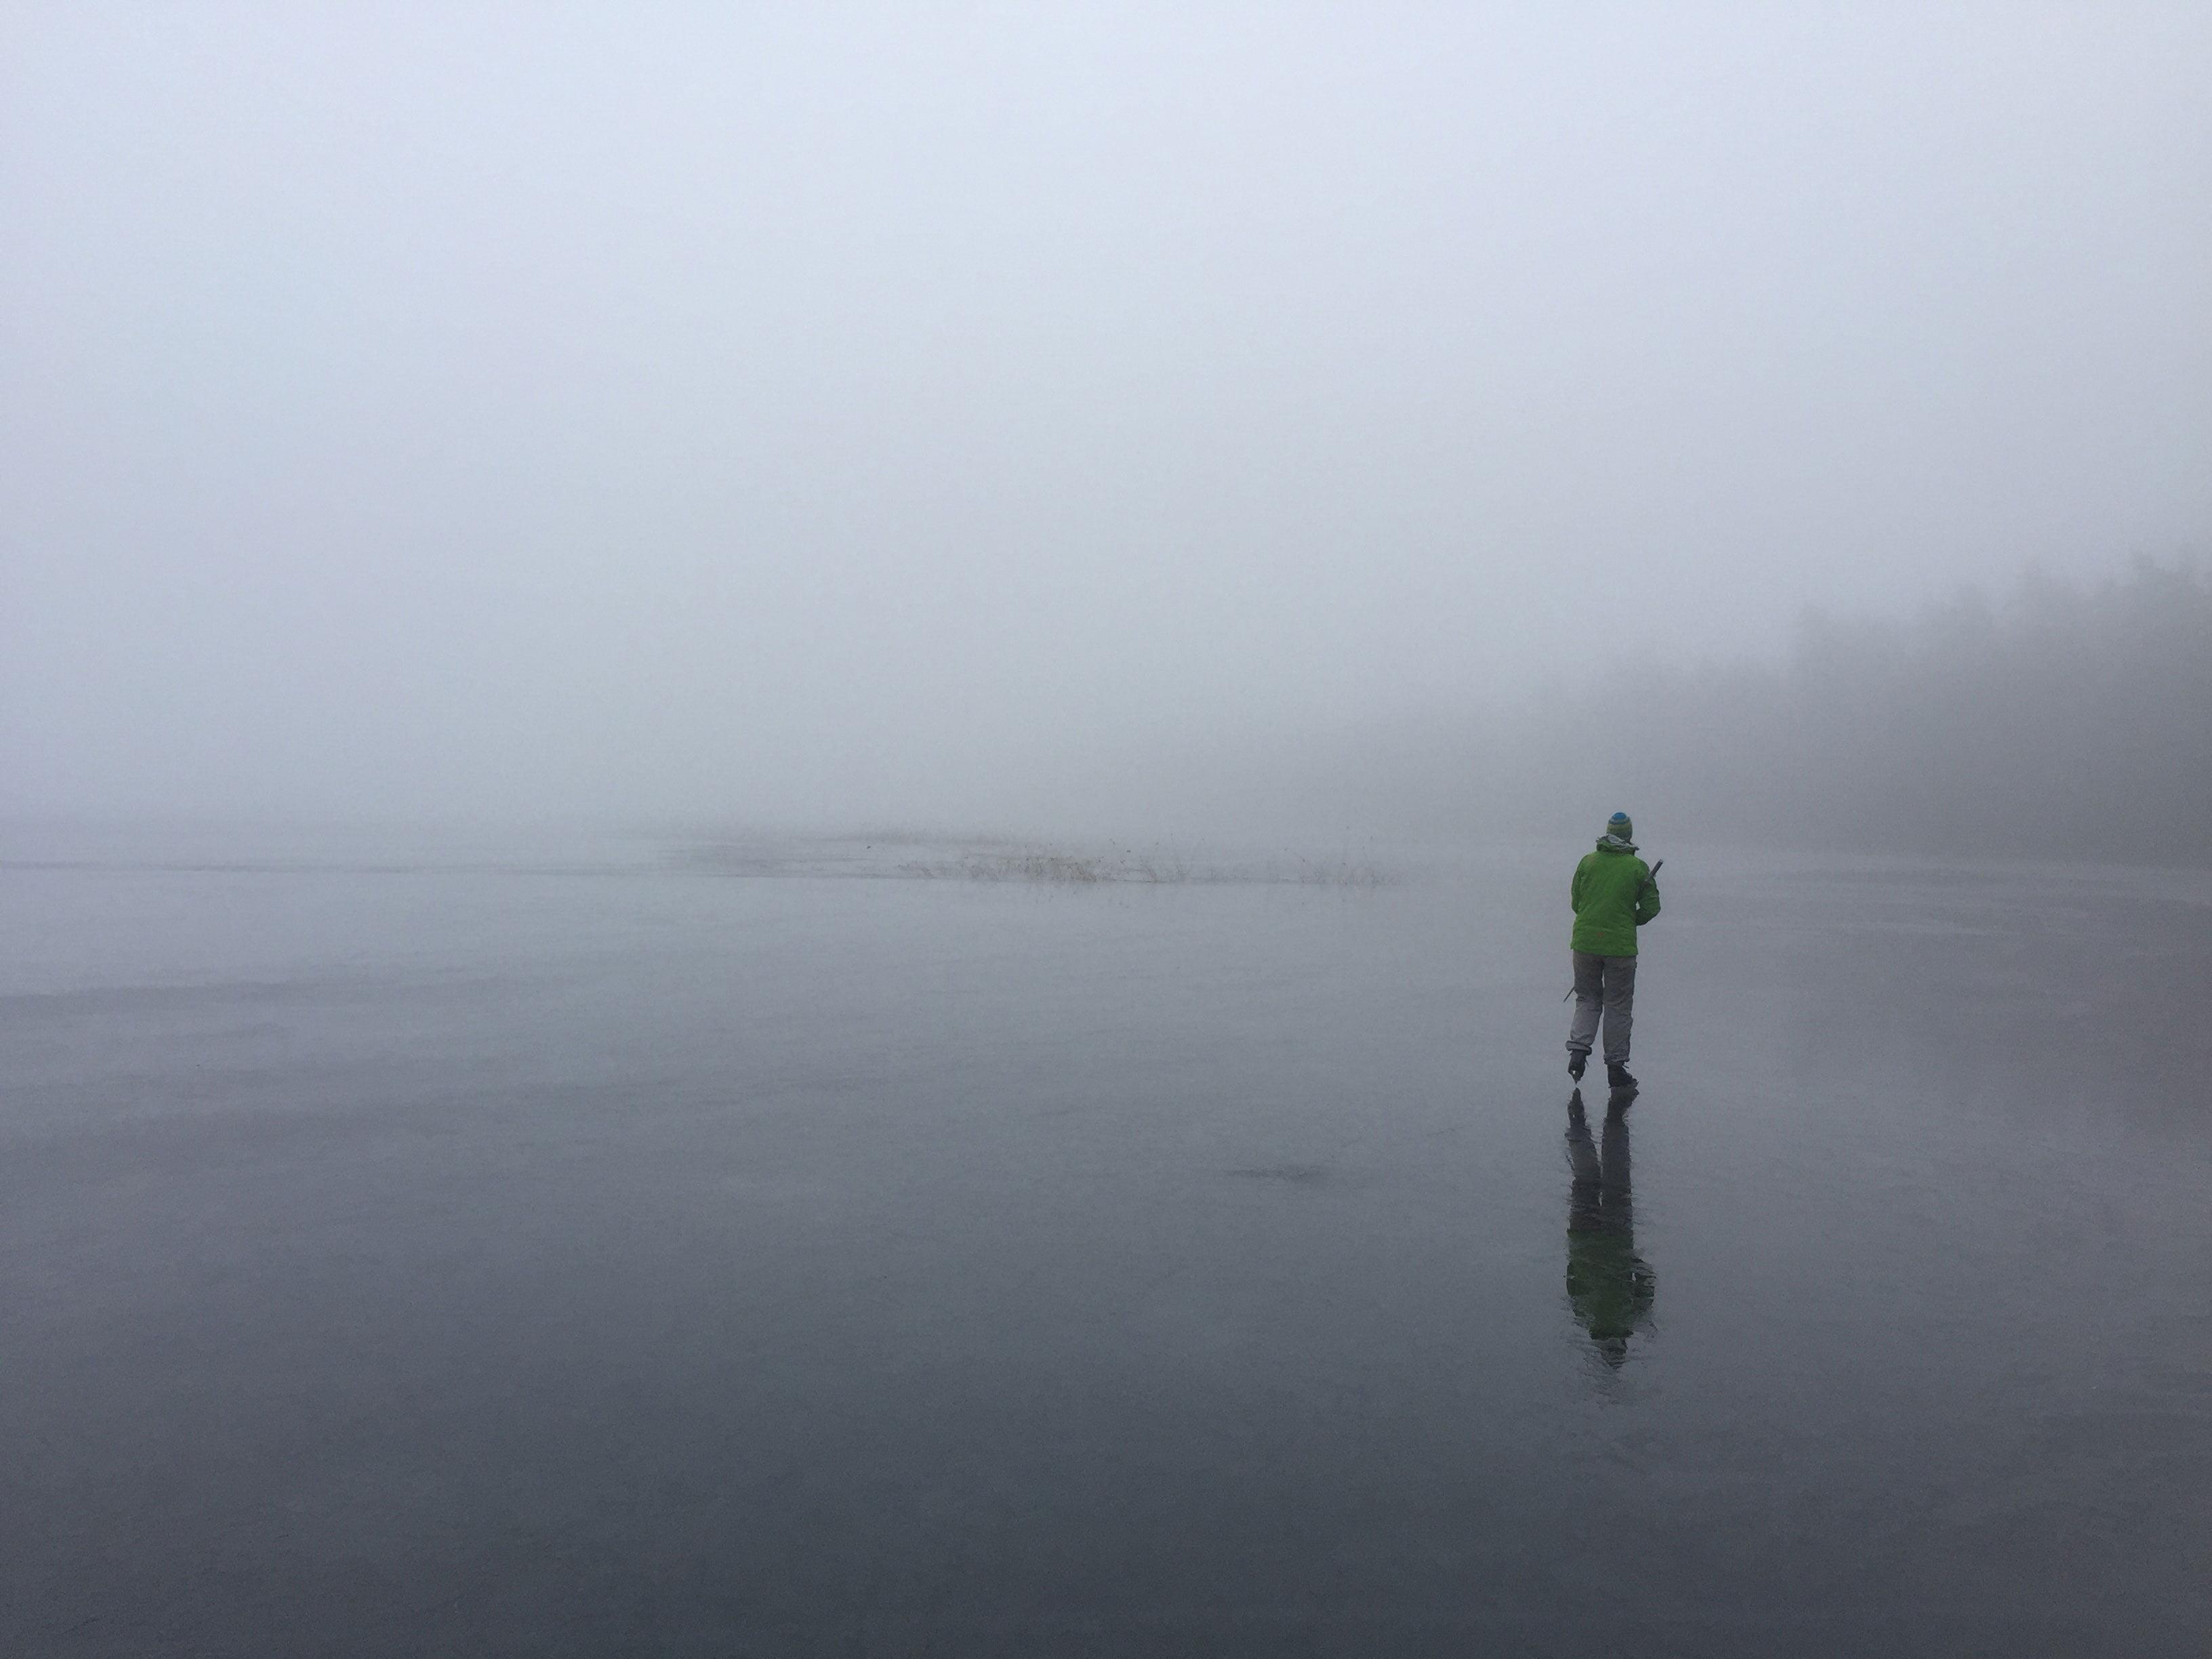 Dimigt skridskohäng på Västersjön